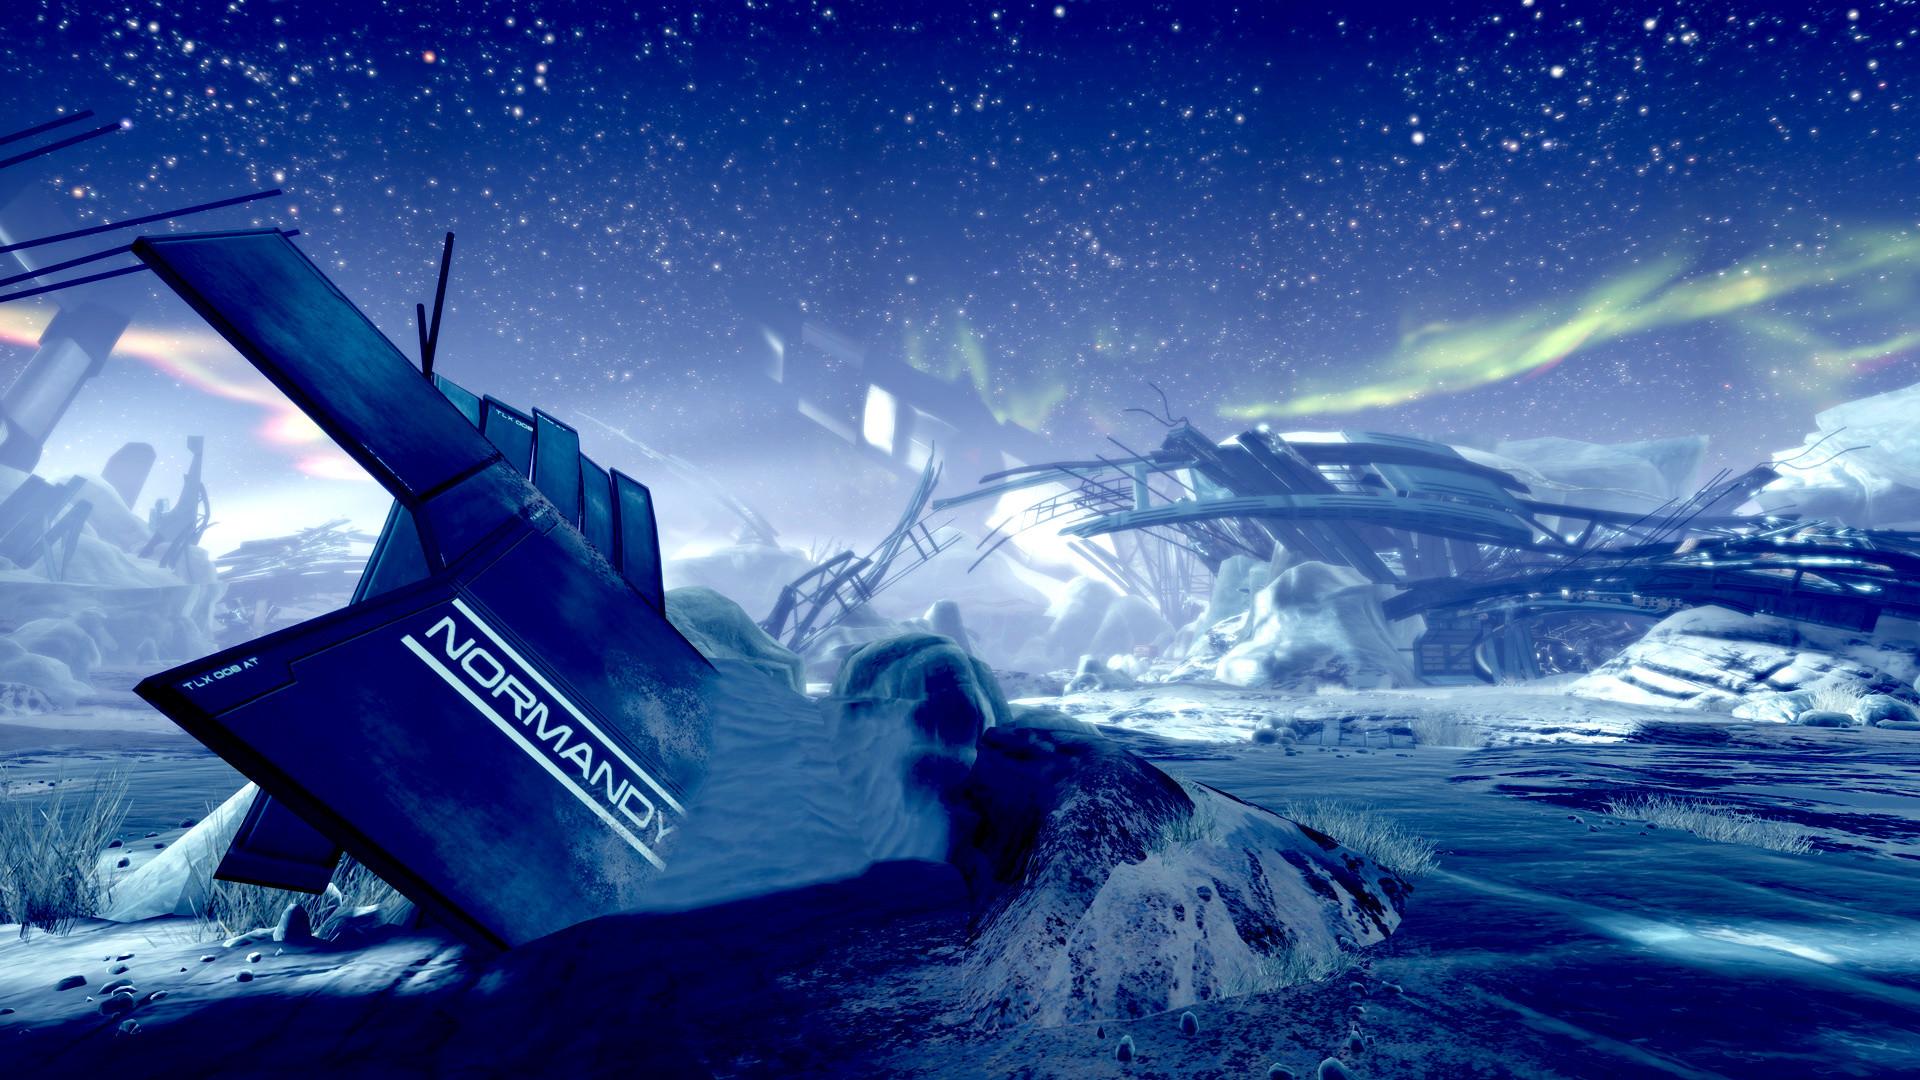 Mass Effect 3 Wallpaper Normandy Crash Site